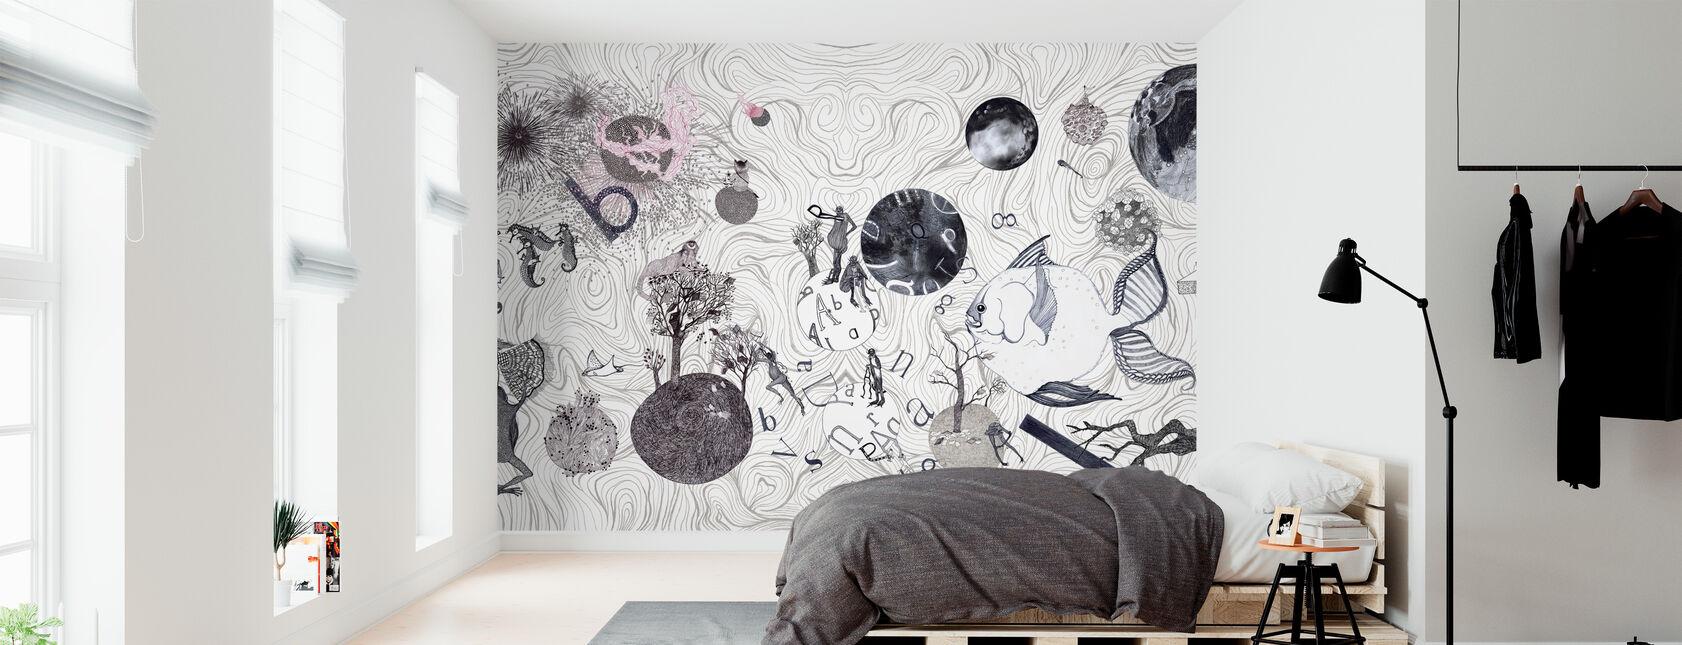 Mundi - Wallpaper - Bedroom